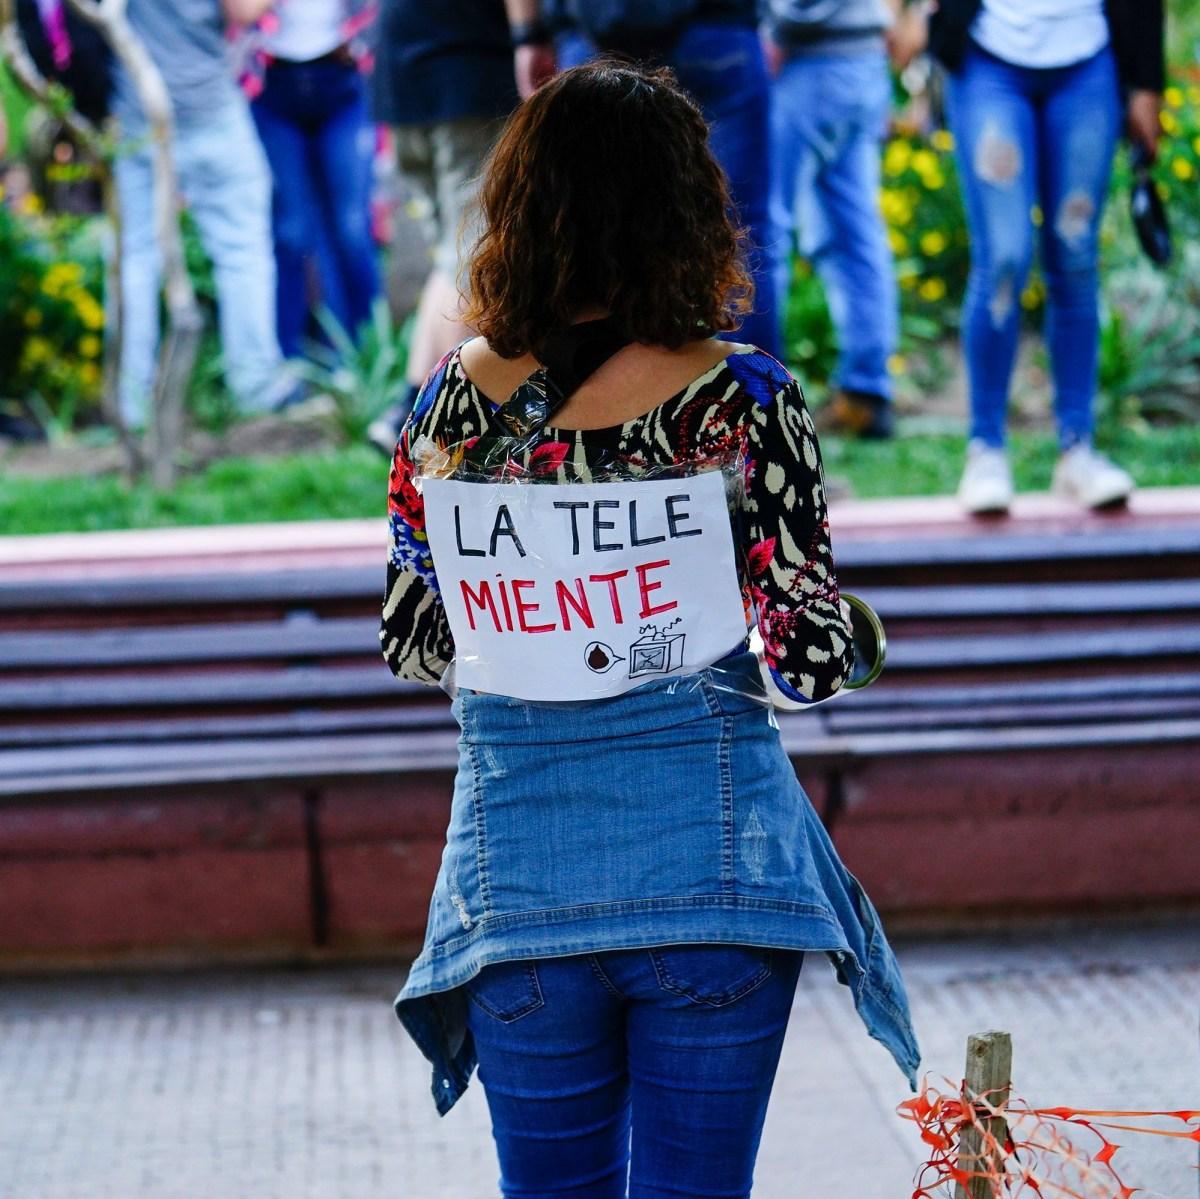 Cartel de protesta en Chile: La tele Miente